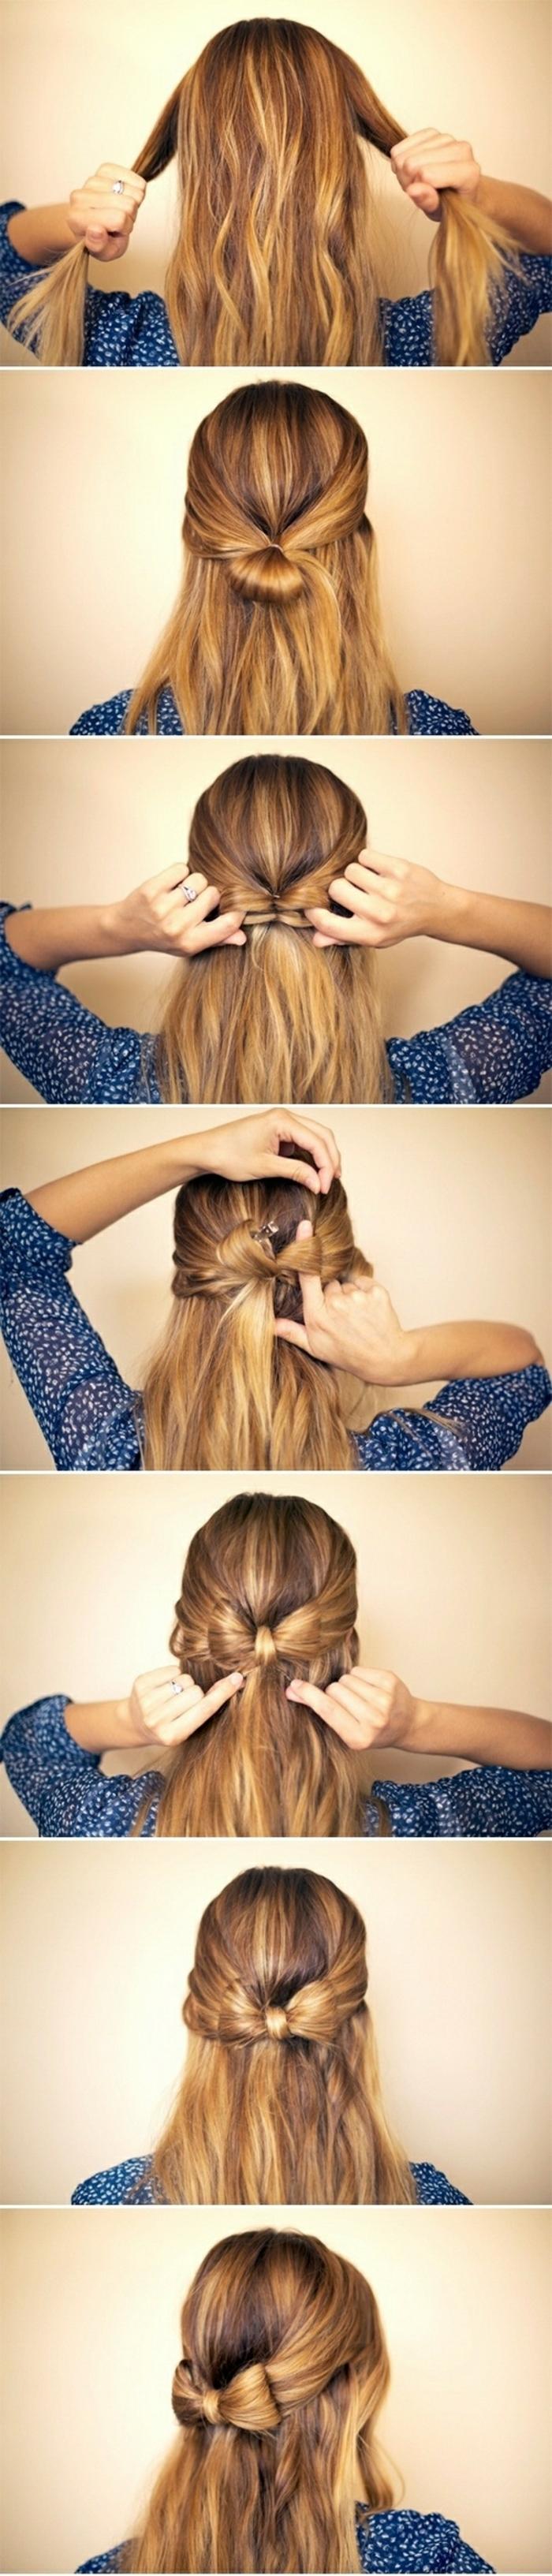 semirecogidos fáciles, mujer con pelo largo, tutorial para semirecogido con mechones unidos por detrás en moño con forma de lazo